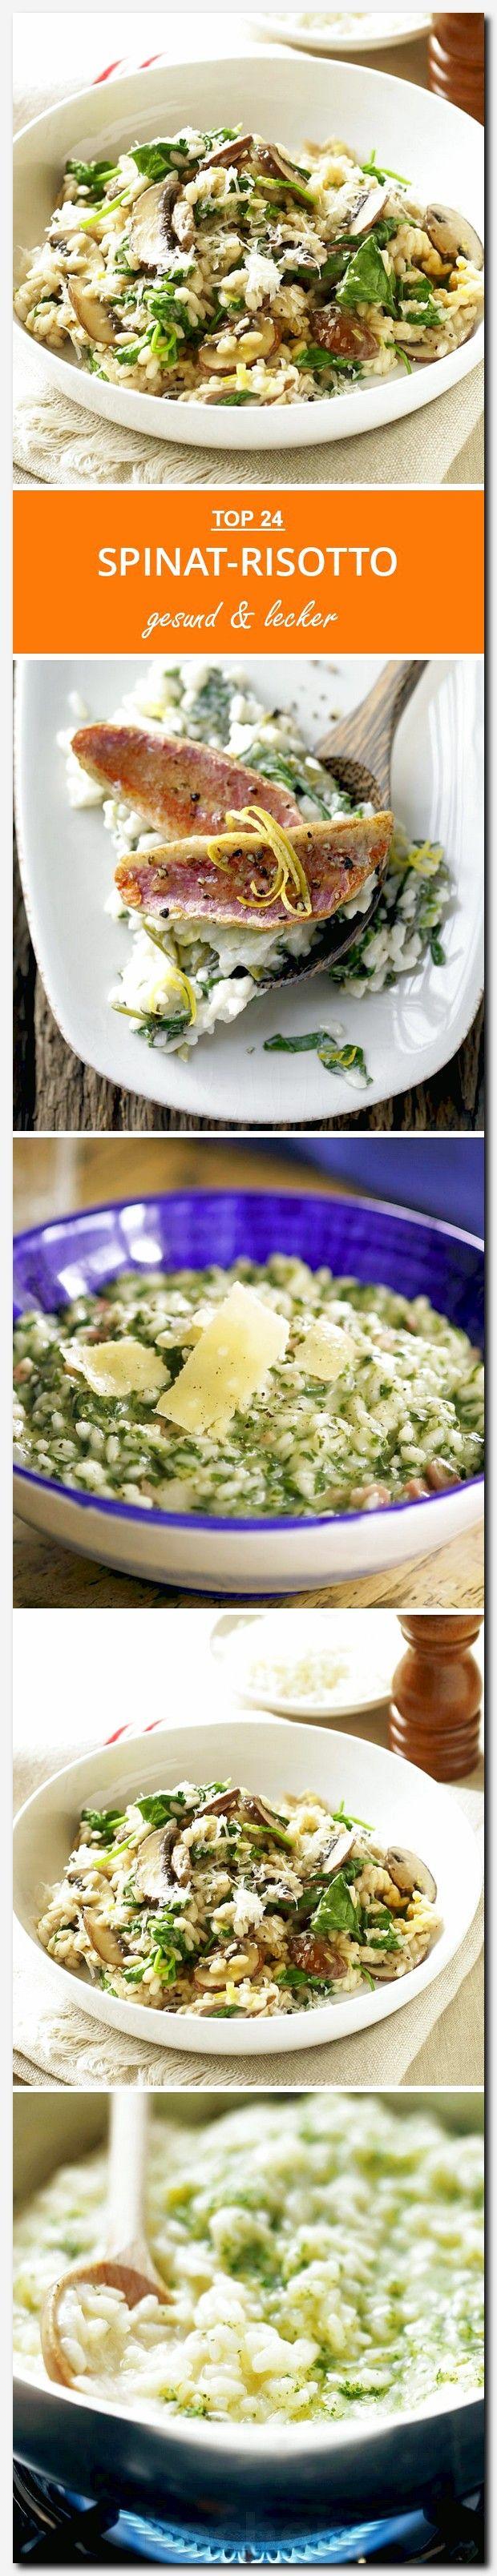 637 best images about kochen vegetarisch on pinterest - Schnelle Küche Warm